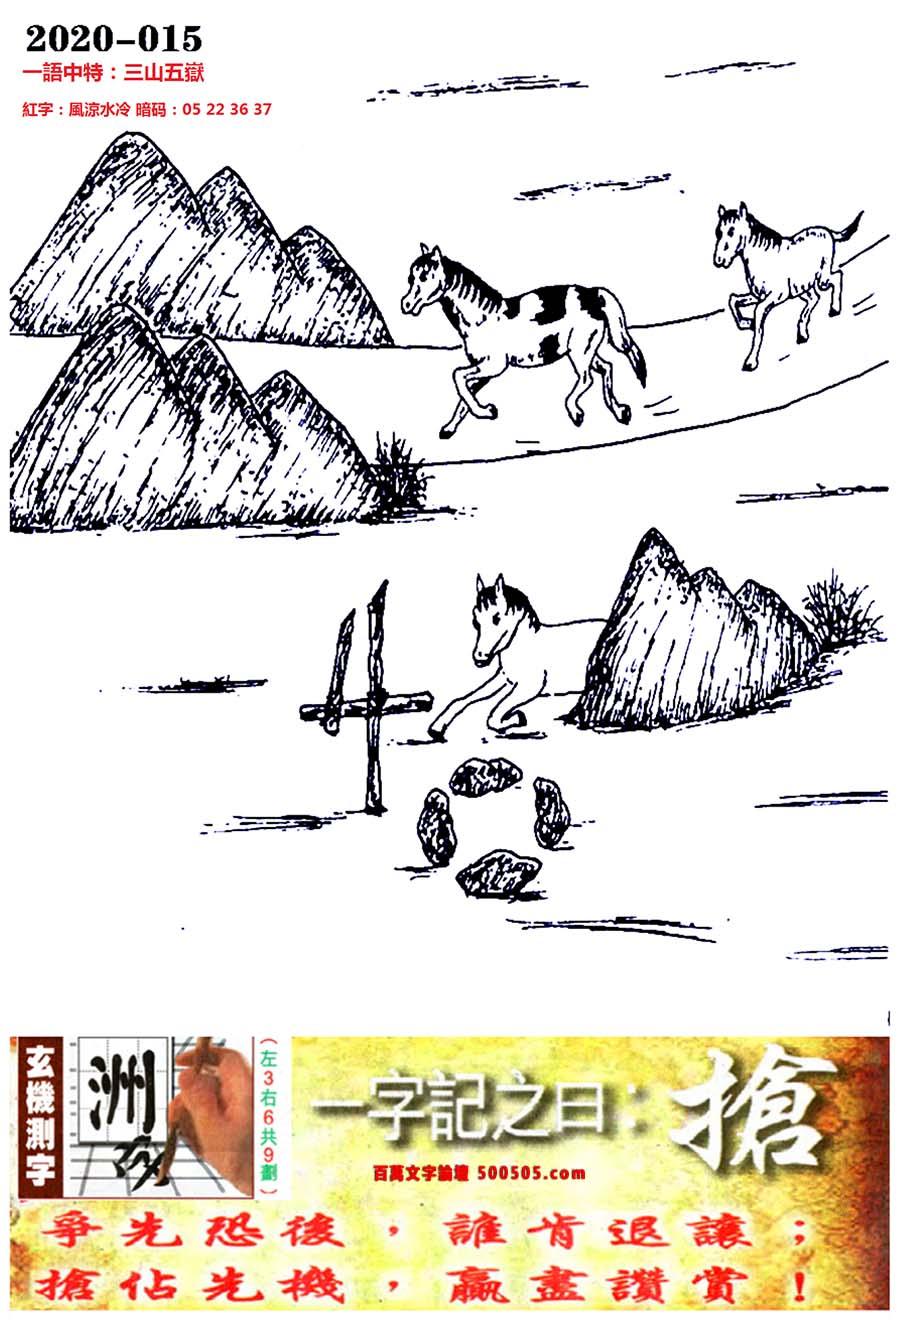 015期跑狗一字�之曰:【��】_��先恐後,�l肯退�;_���紫�C,�A�M��p!